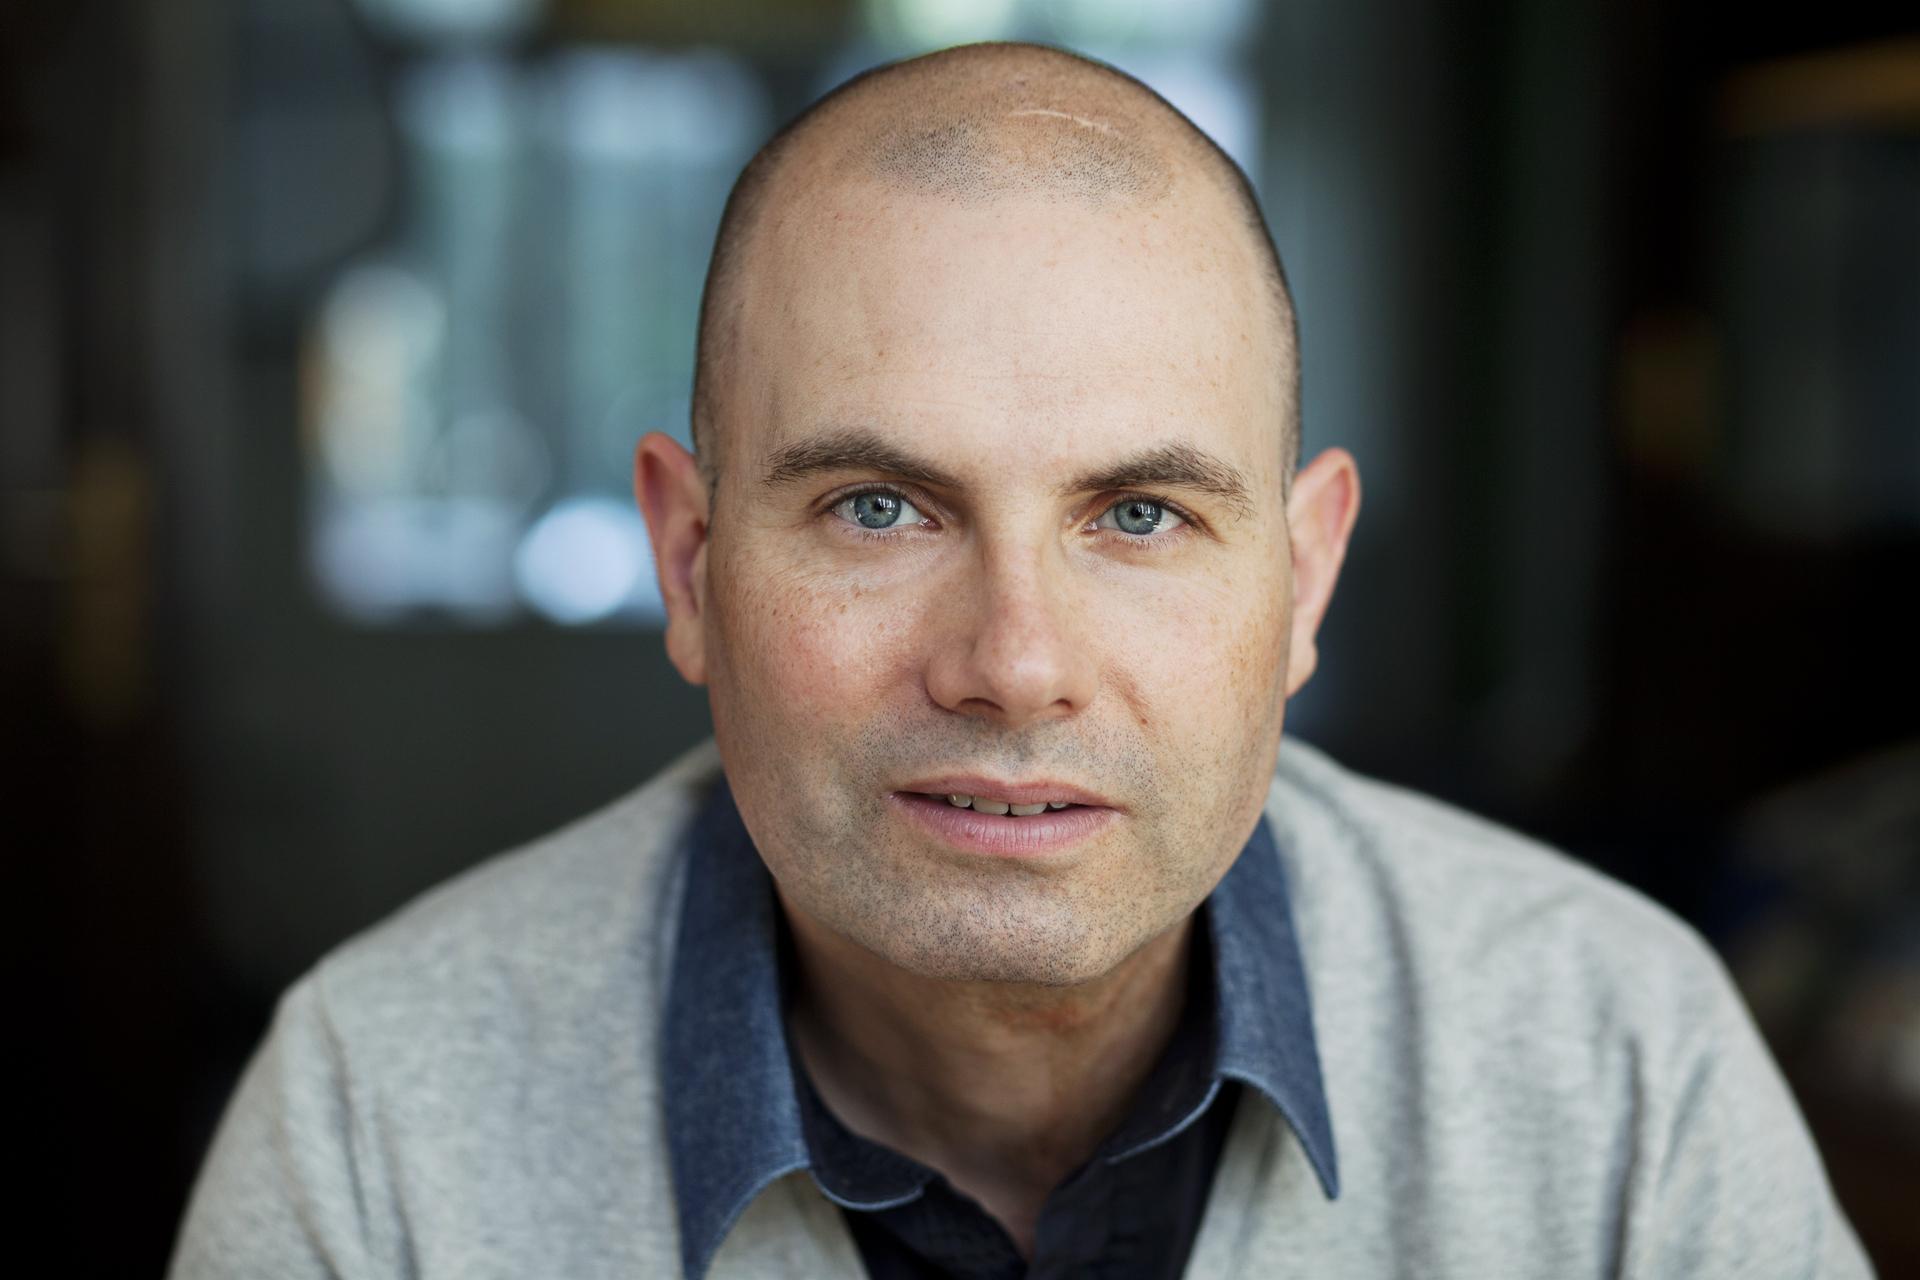 Carsten Strauch - Portrait